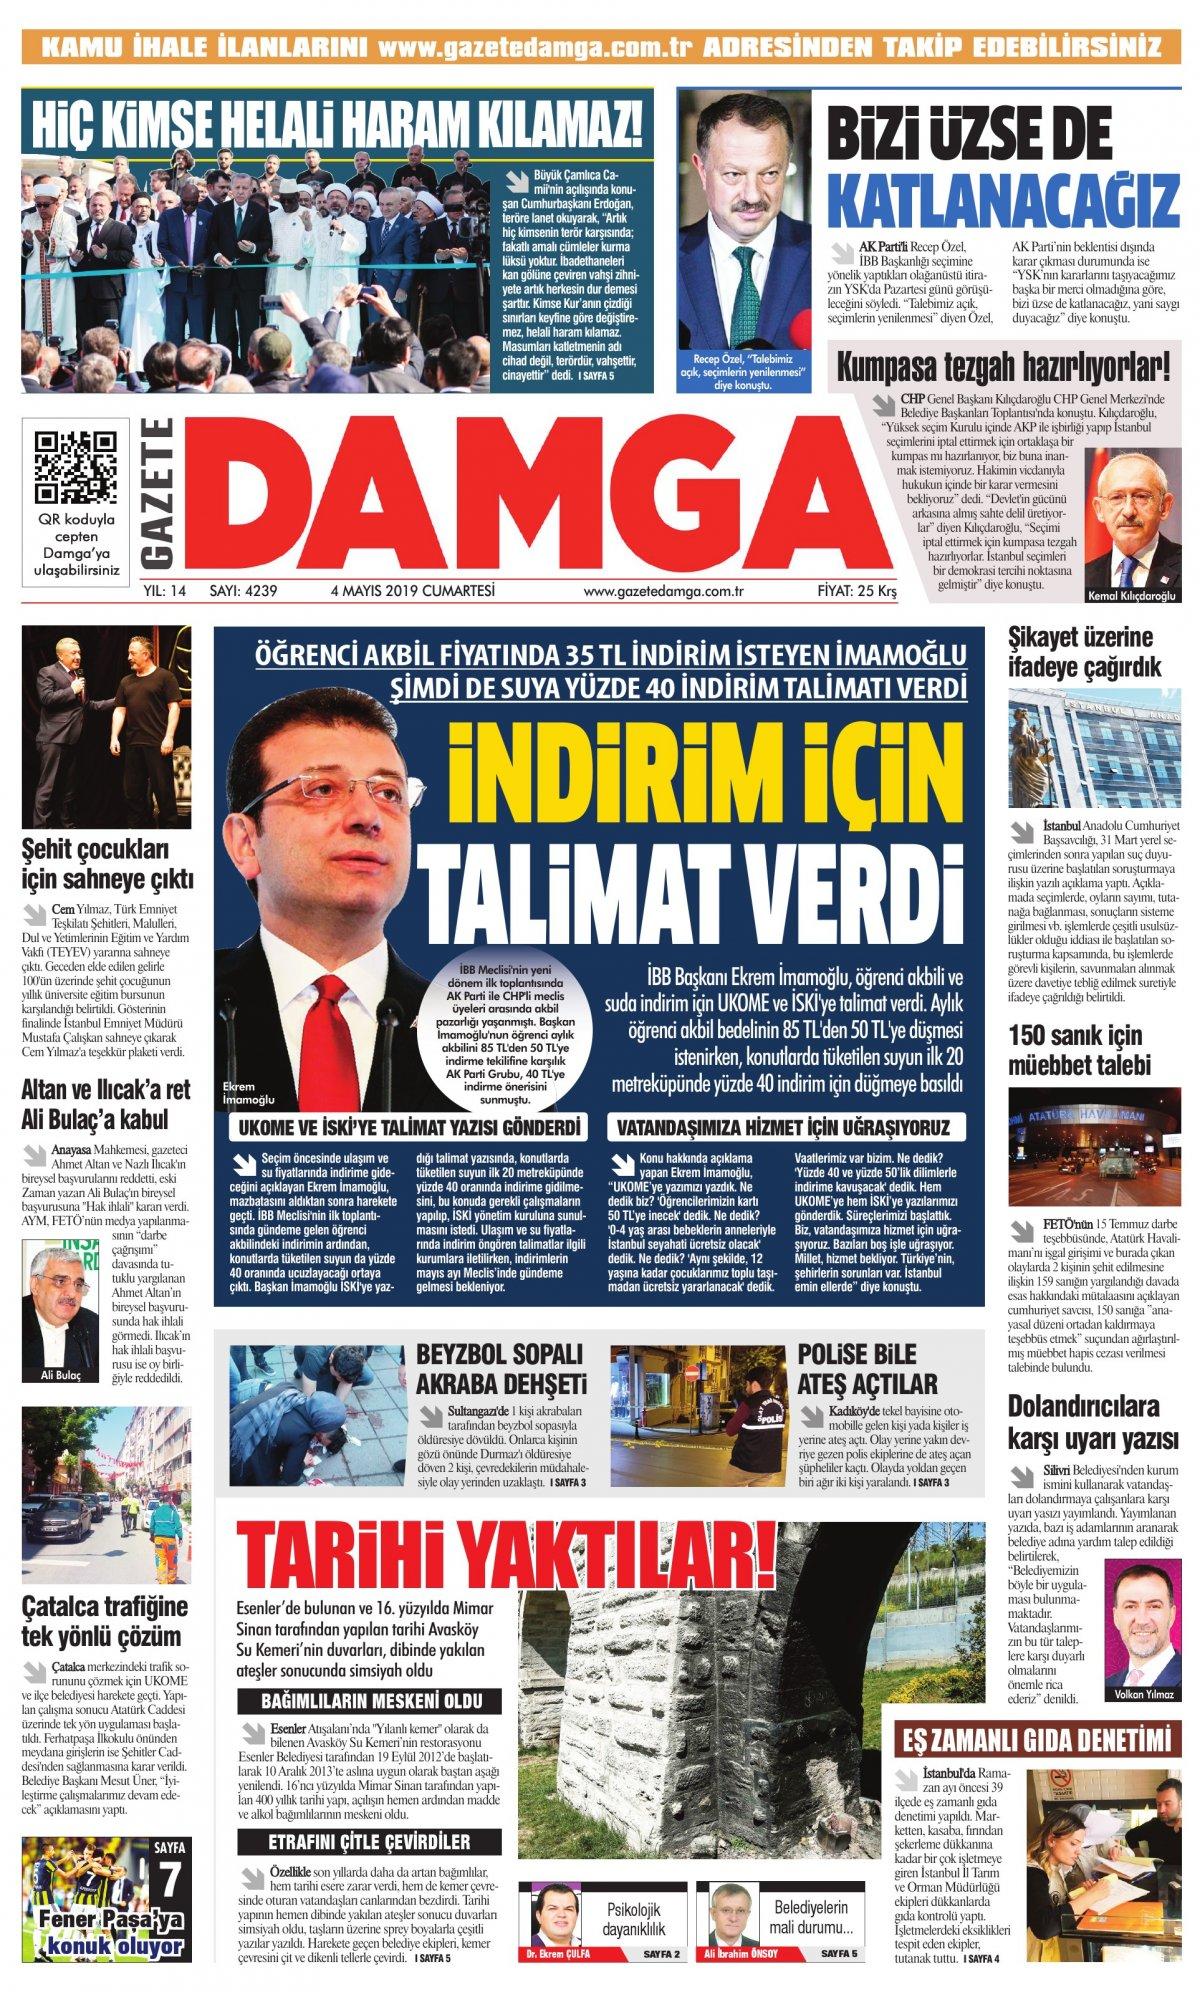 Gazete Damga - 04.05.2019 Sayfaları